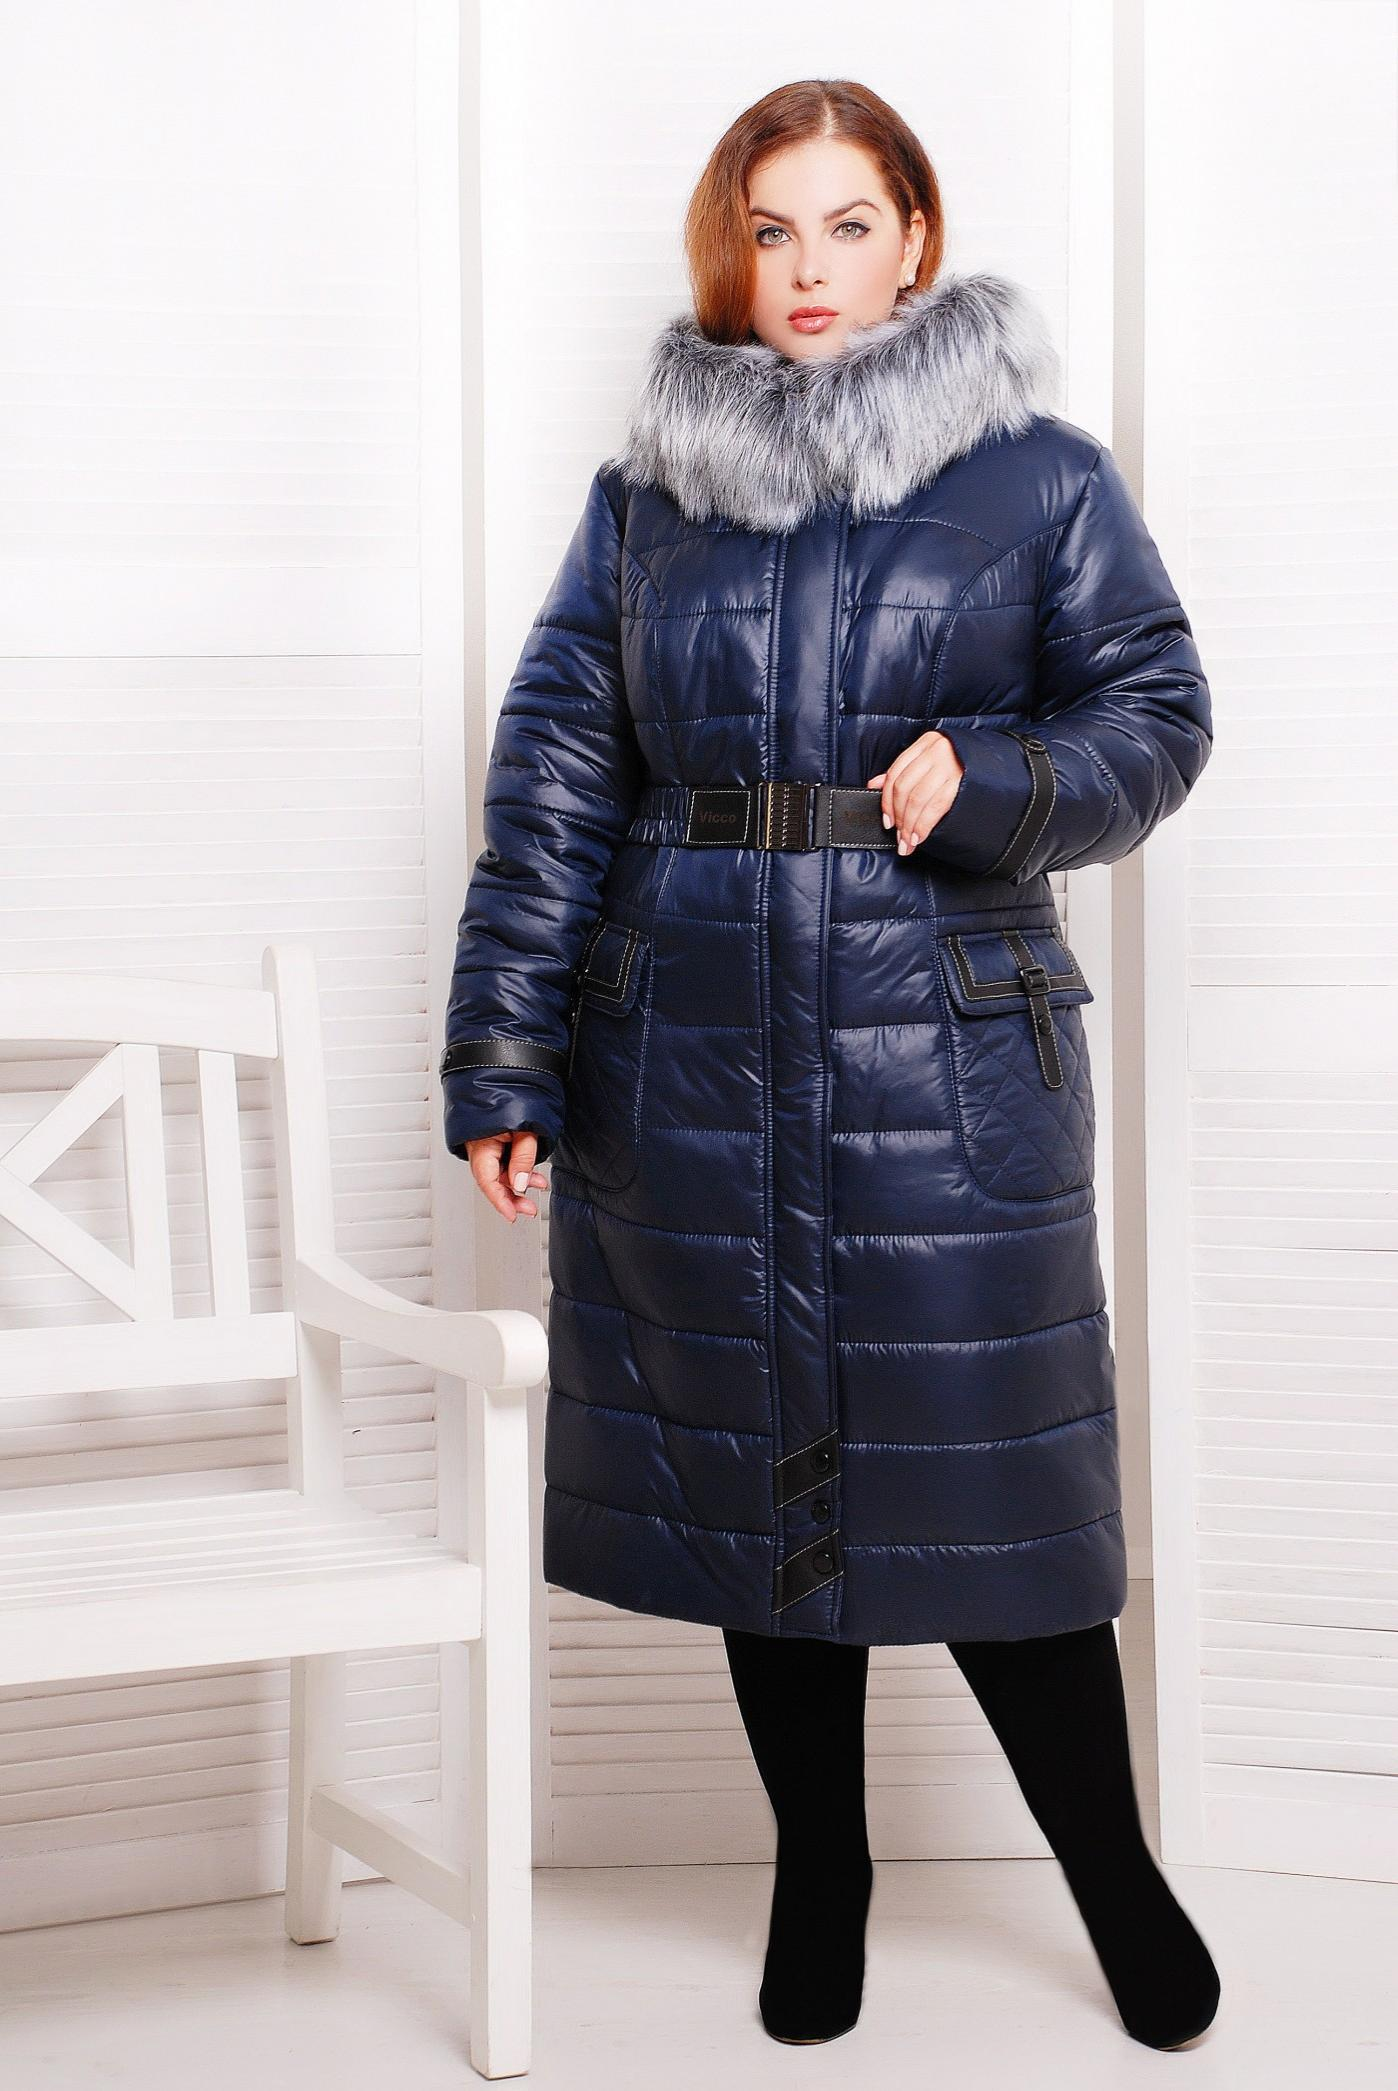 Женская Зимняя Верхняя Одежда Интернет Магазин Недорого